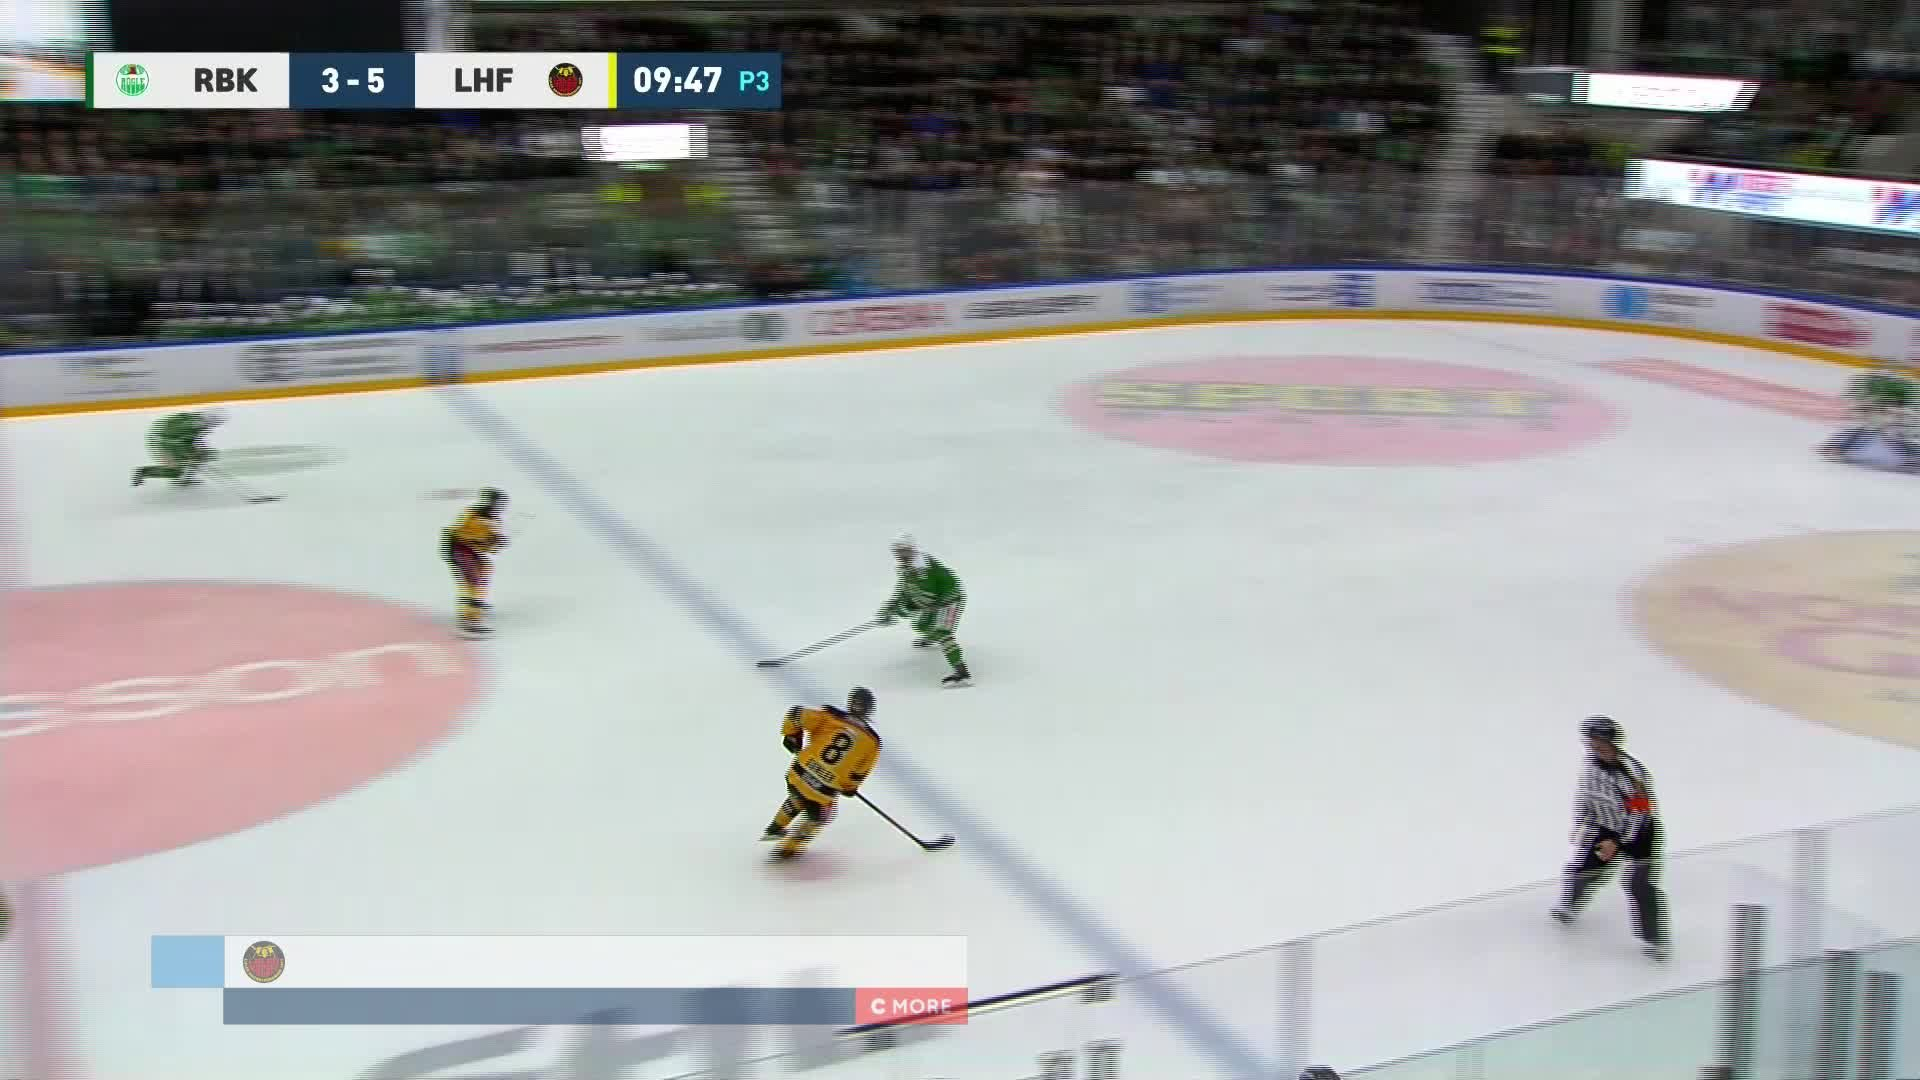 Rögle BK - Luleå Hockey 3-6